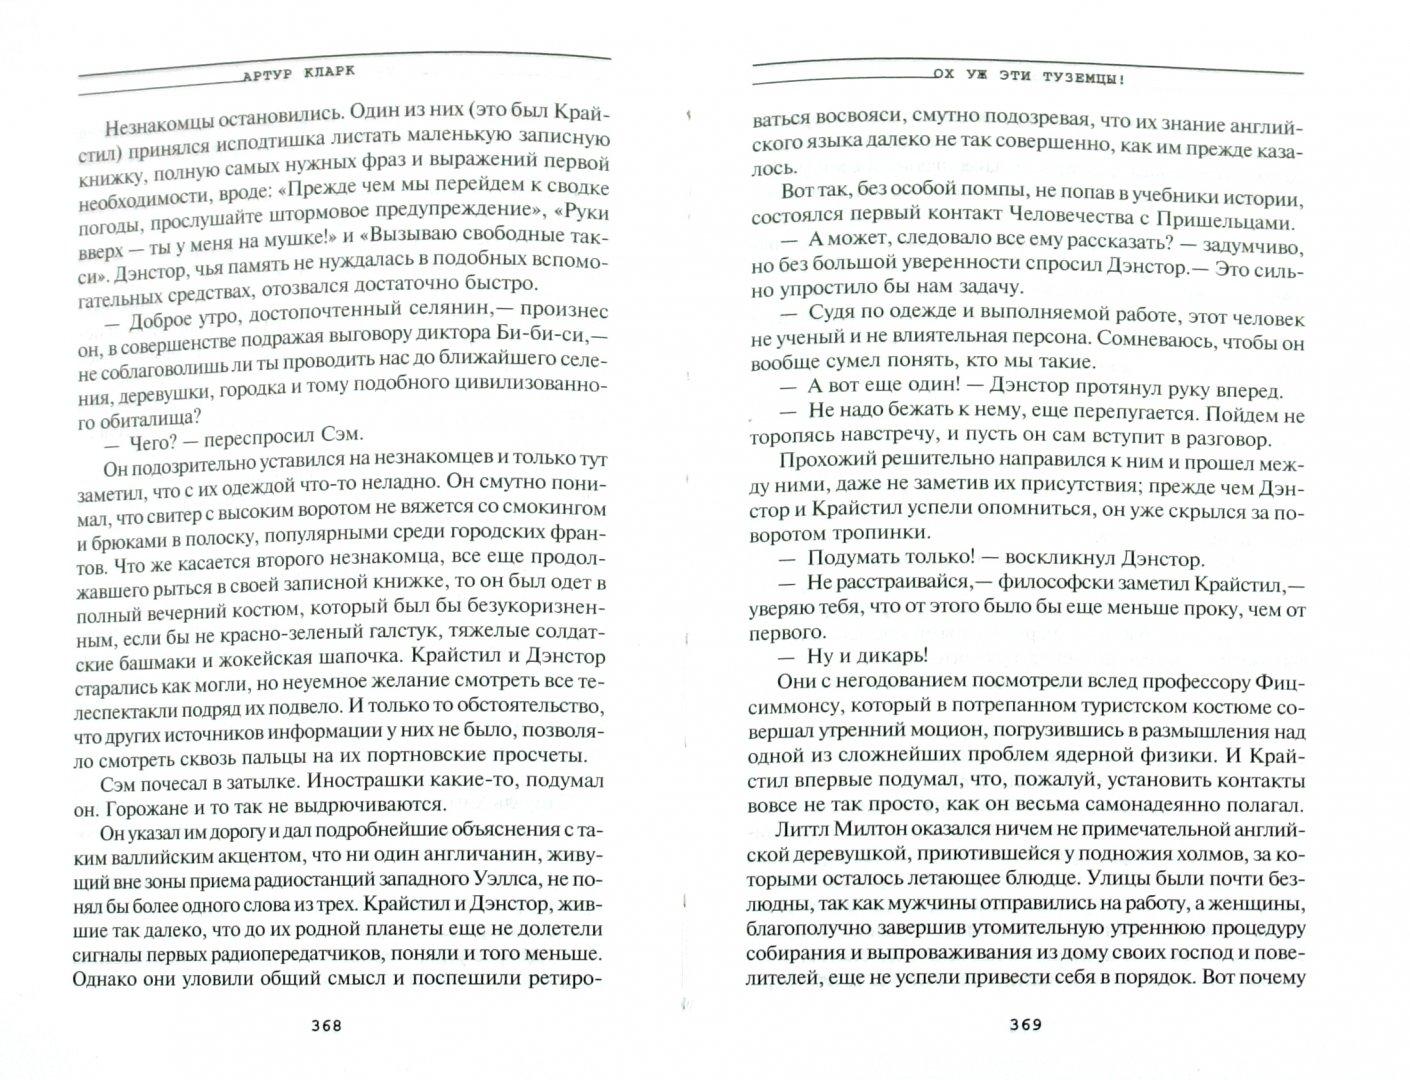 Иллюстрация 1 из 13 для Девять миллиардов имен Бога - Артур Кларк | Лабиринт - книги. Источник: Лабиринт